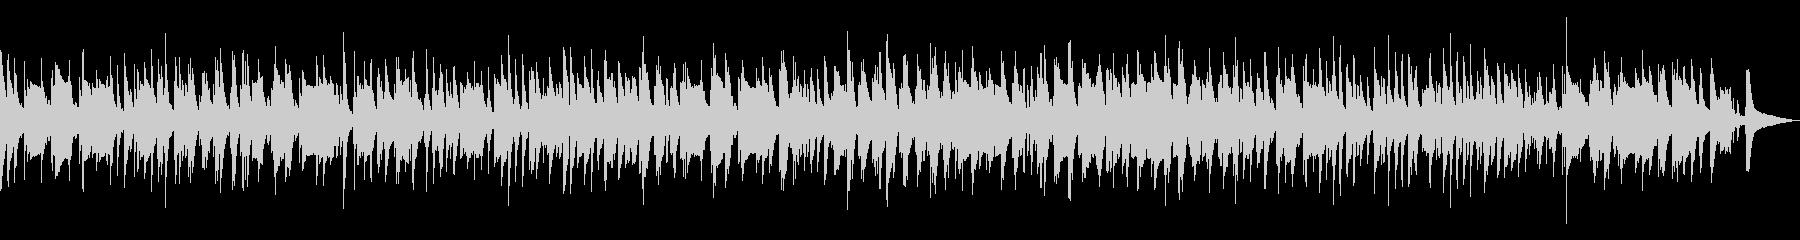 ピアノとベースのジャズラウンジバラードの未再生の波形